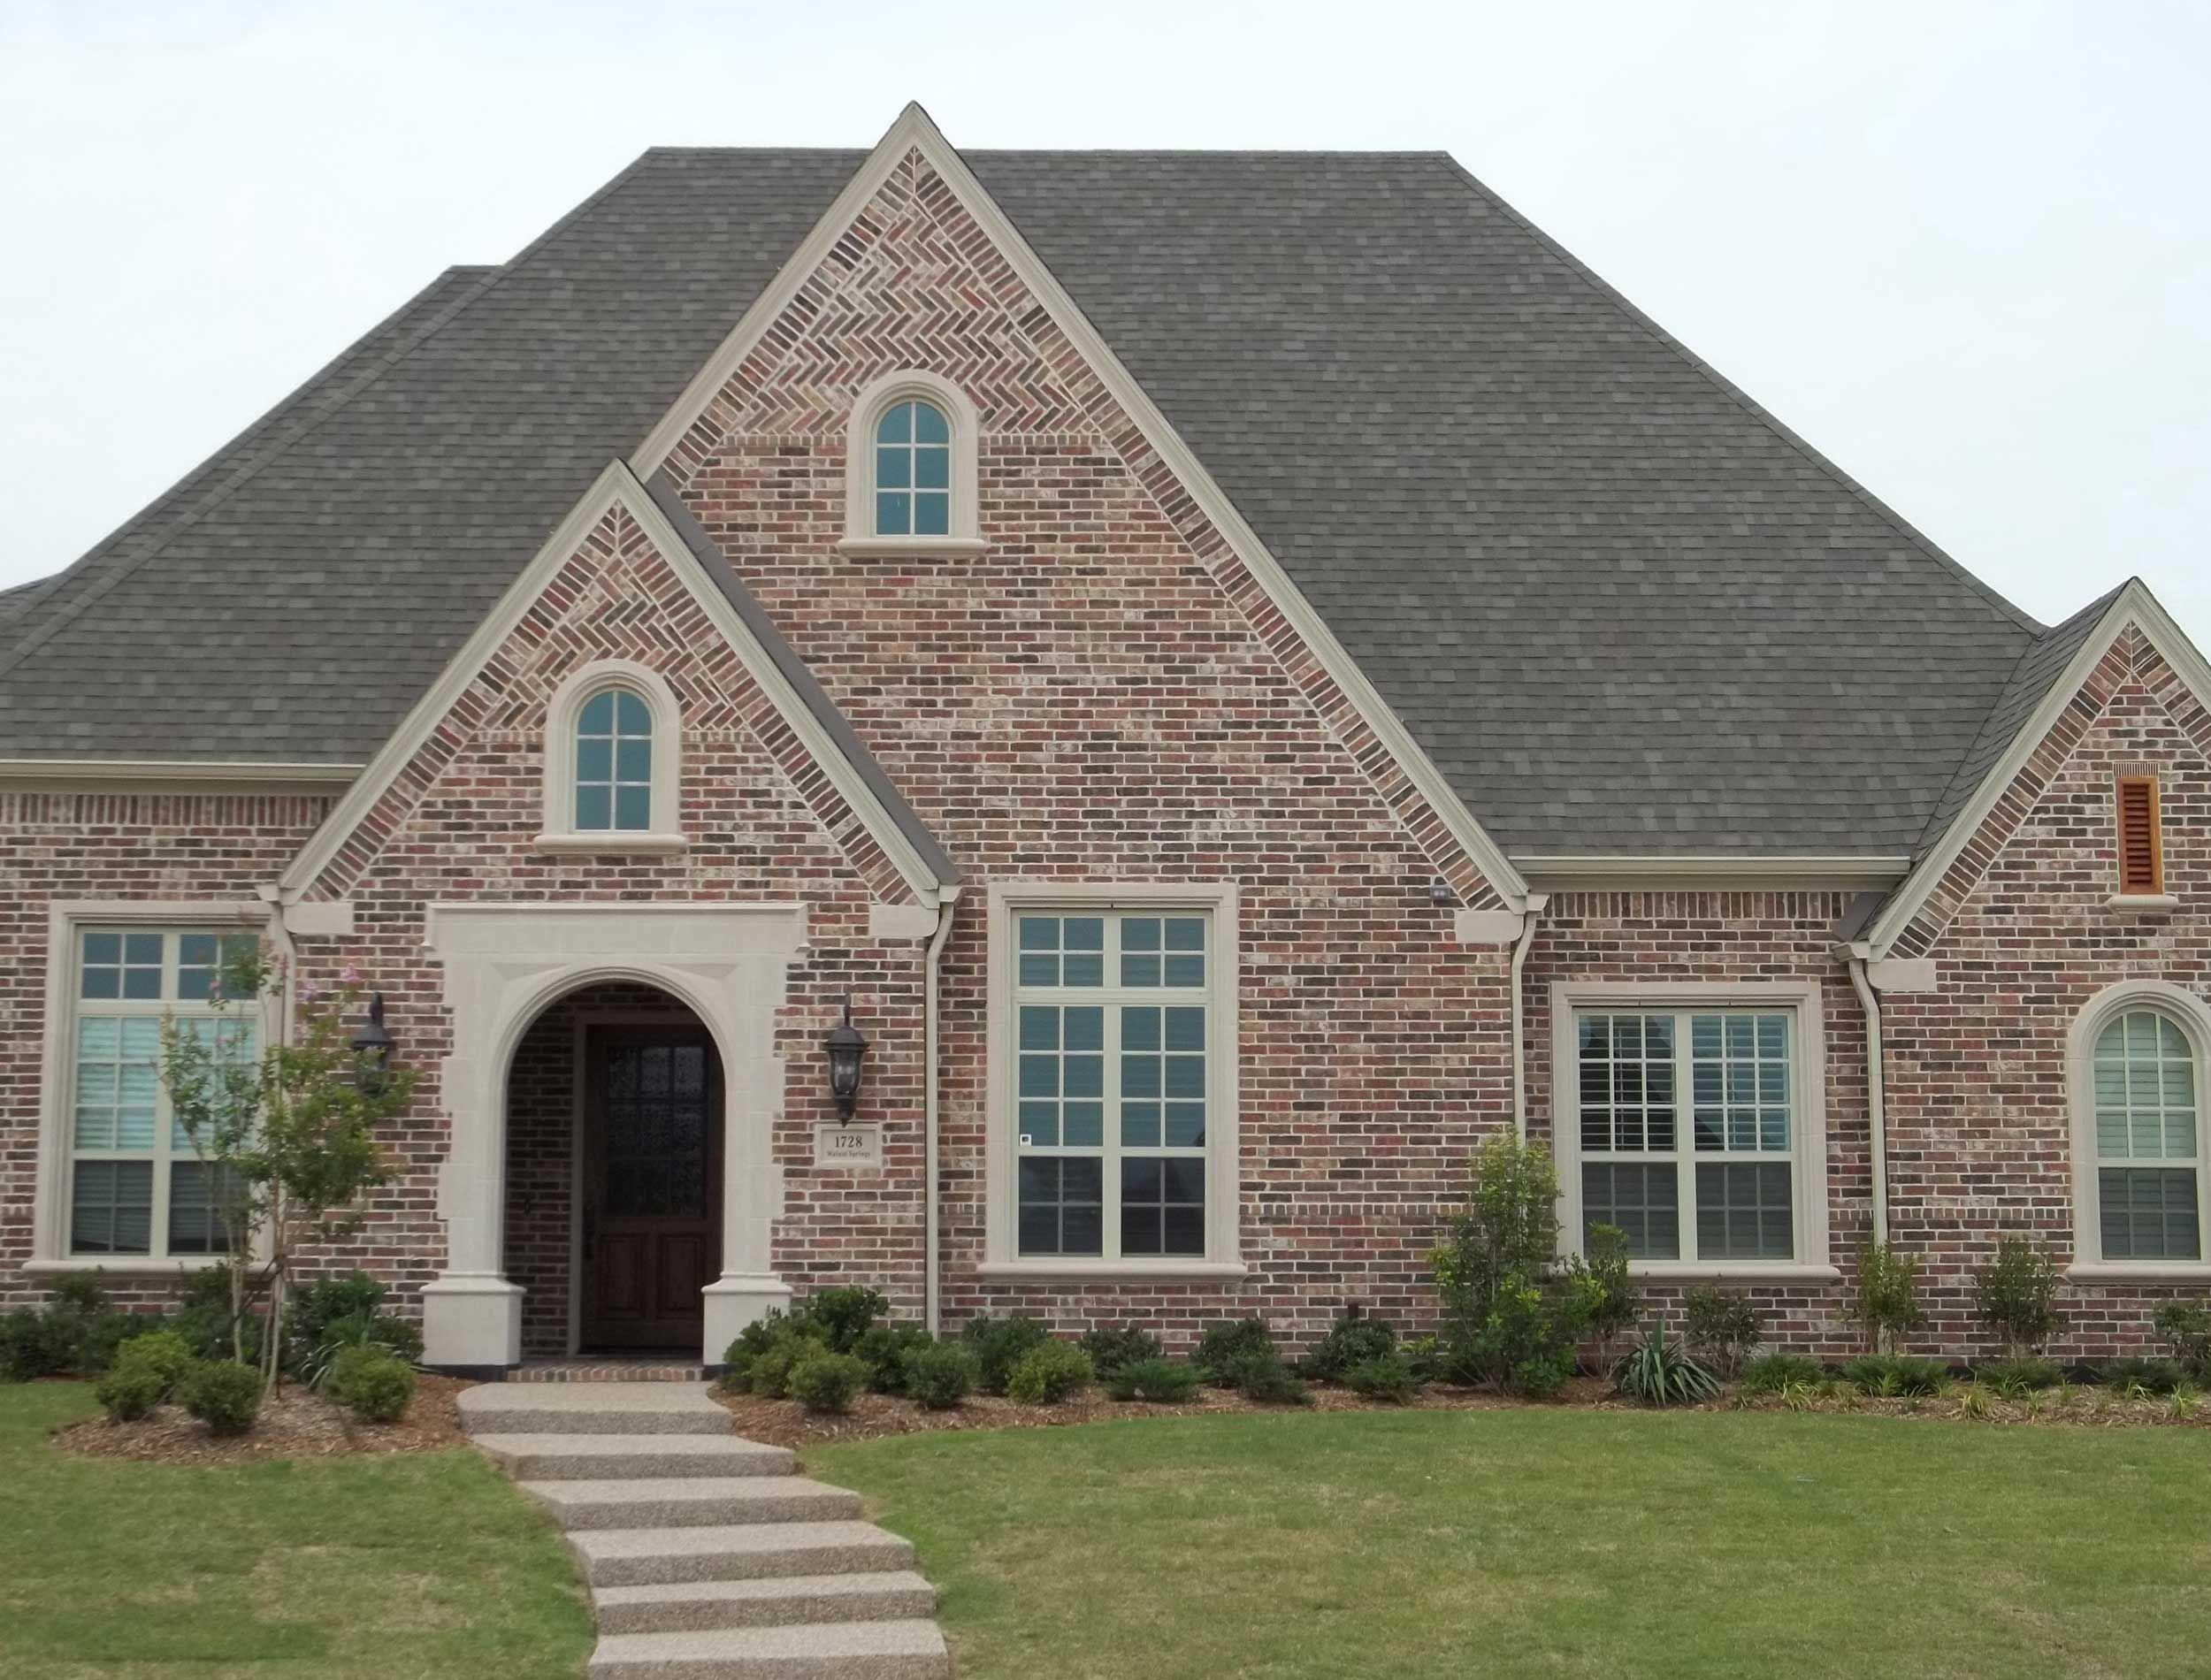 Cbc Brown Covington Ks The Exterior Brick Color House